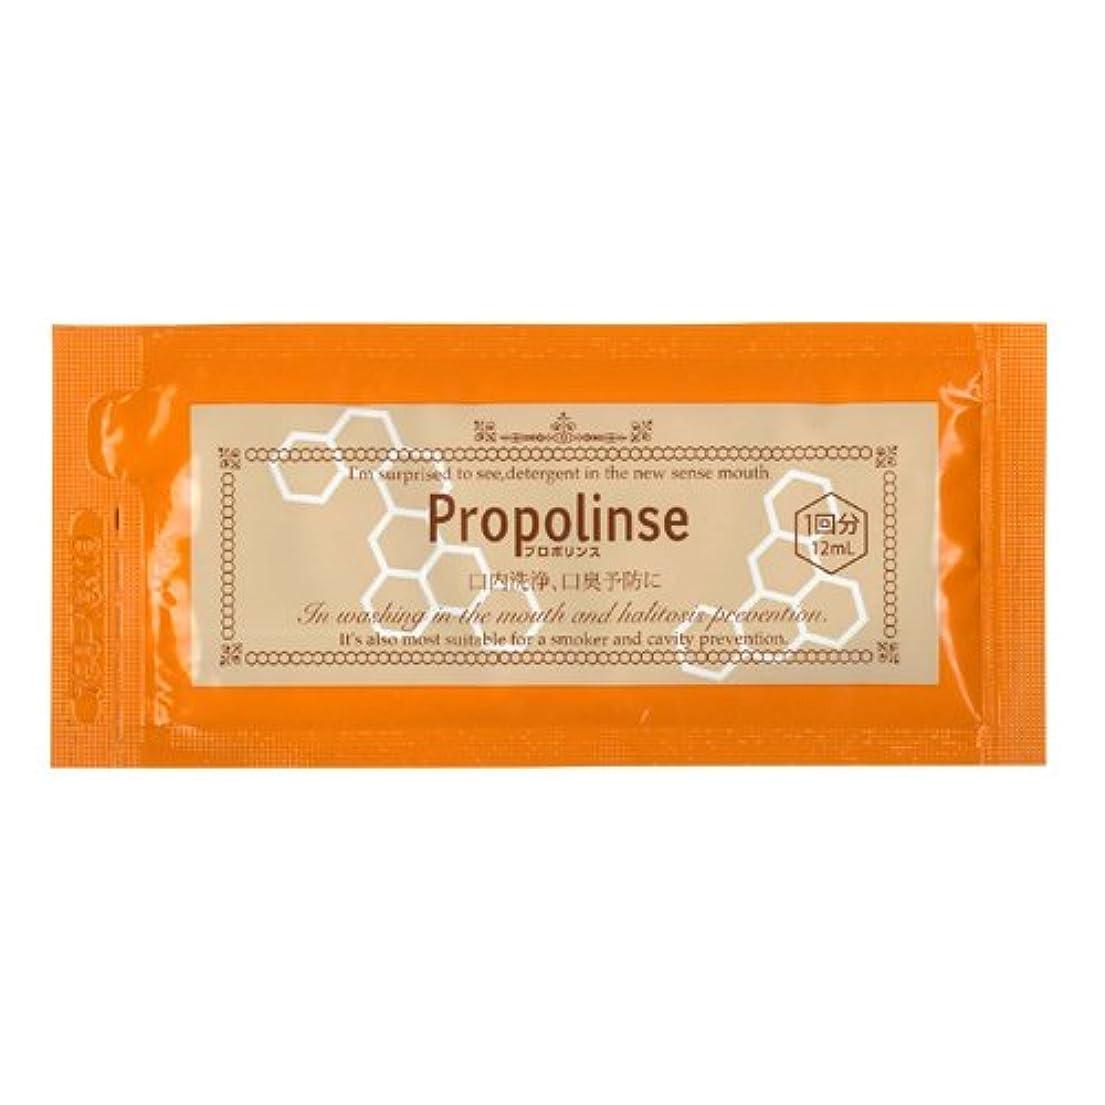 証拠撤退場所プロポリンス ハンディパウチ 12ml(1袋)×100袋